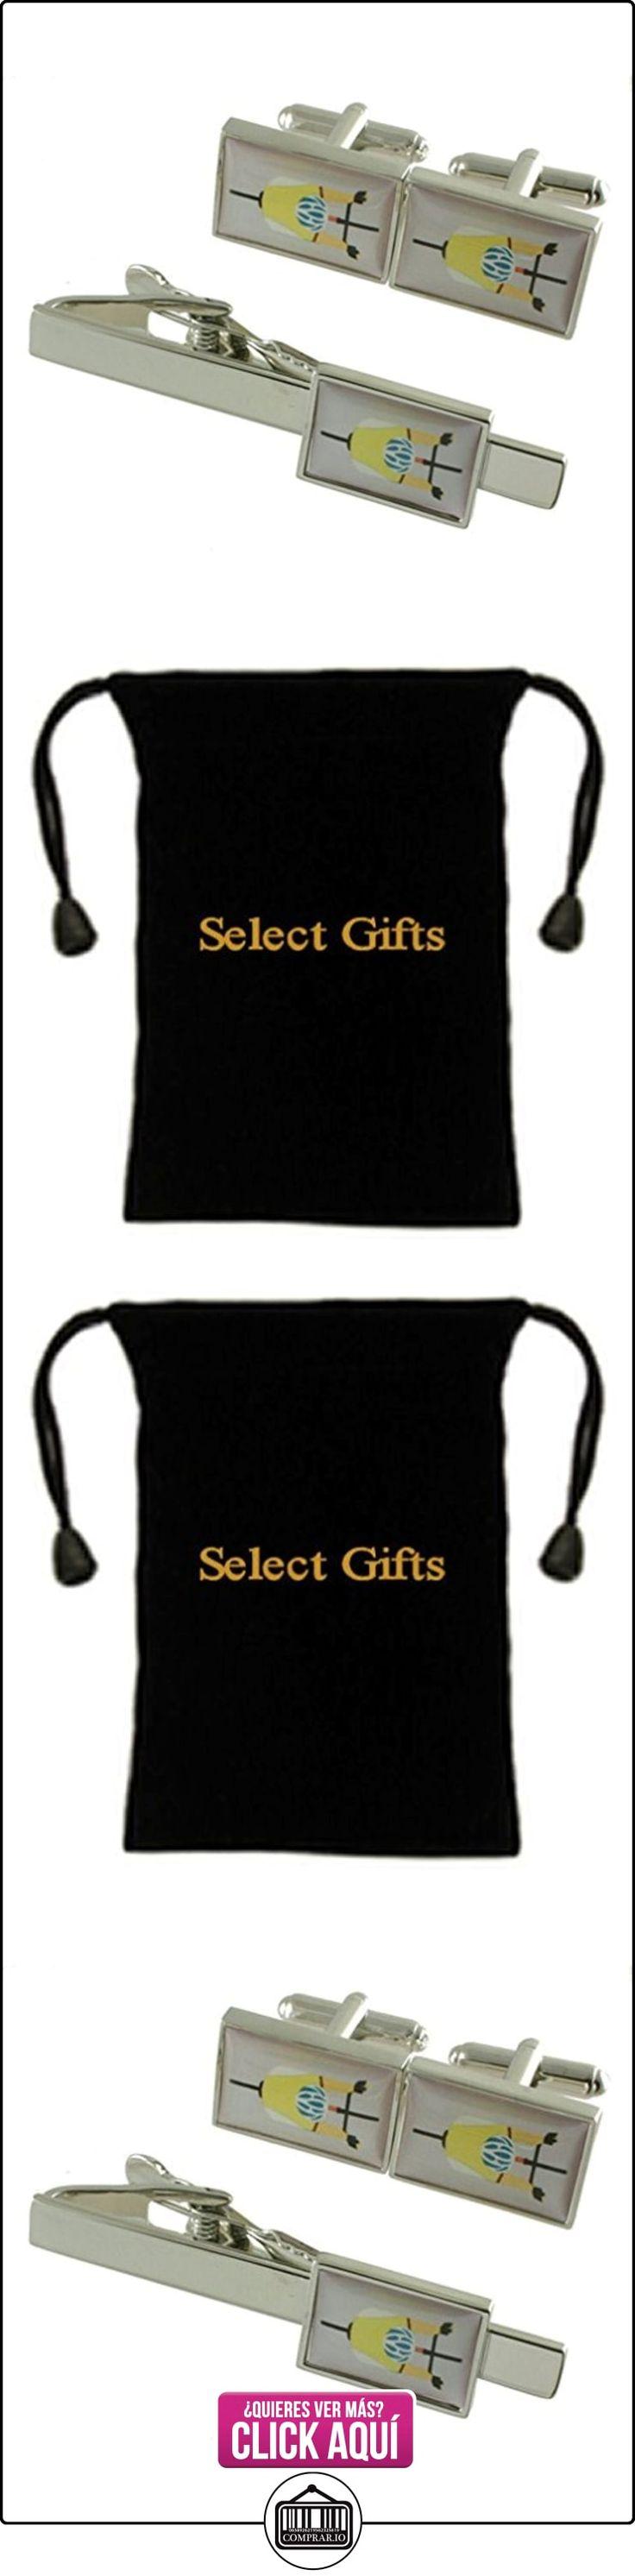 Caja de regalo Box Set de bicicletas de carretera~Bicicleta gemelos & Clip de corbata~atar con diapositivas Seleccione GiftBox  ✿ Joyas para niños - Regalos ✿ ▬► Ver oferta: https://comprar.io/goto/B016UTLC0Q